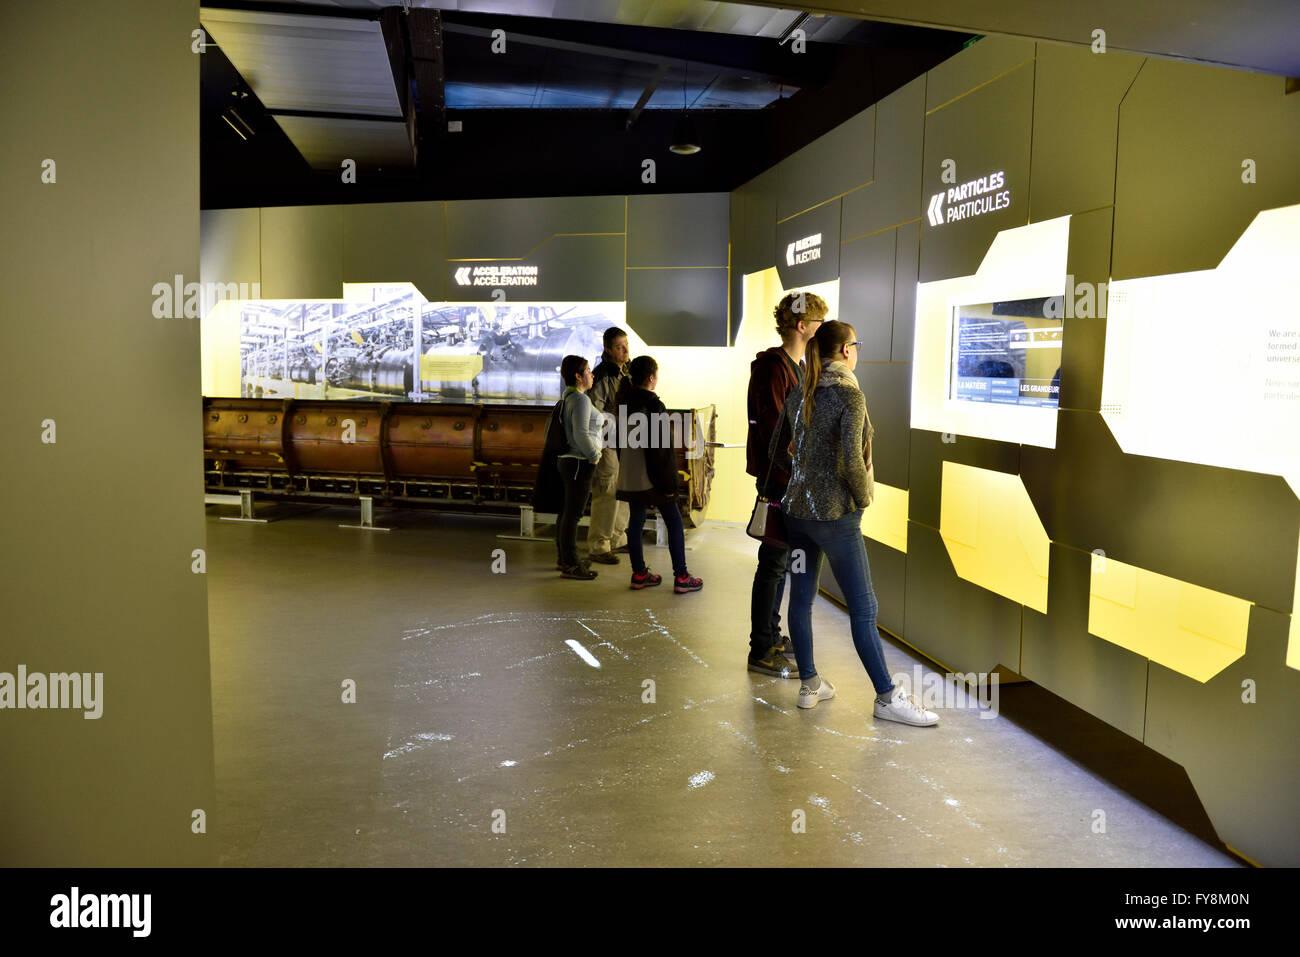 Il CERN, l'Organizzazione europea per la ricerca nucleare, edificio che ospita la reception microcosmo area Immagini Stock